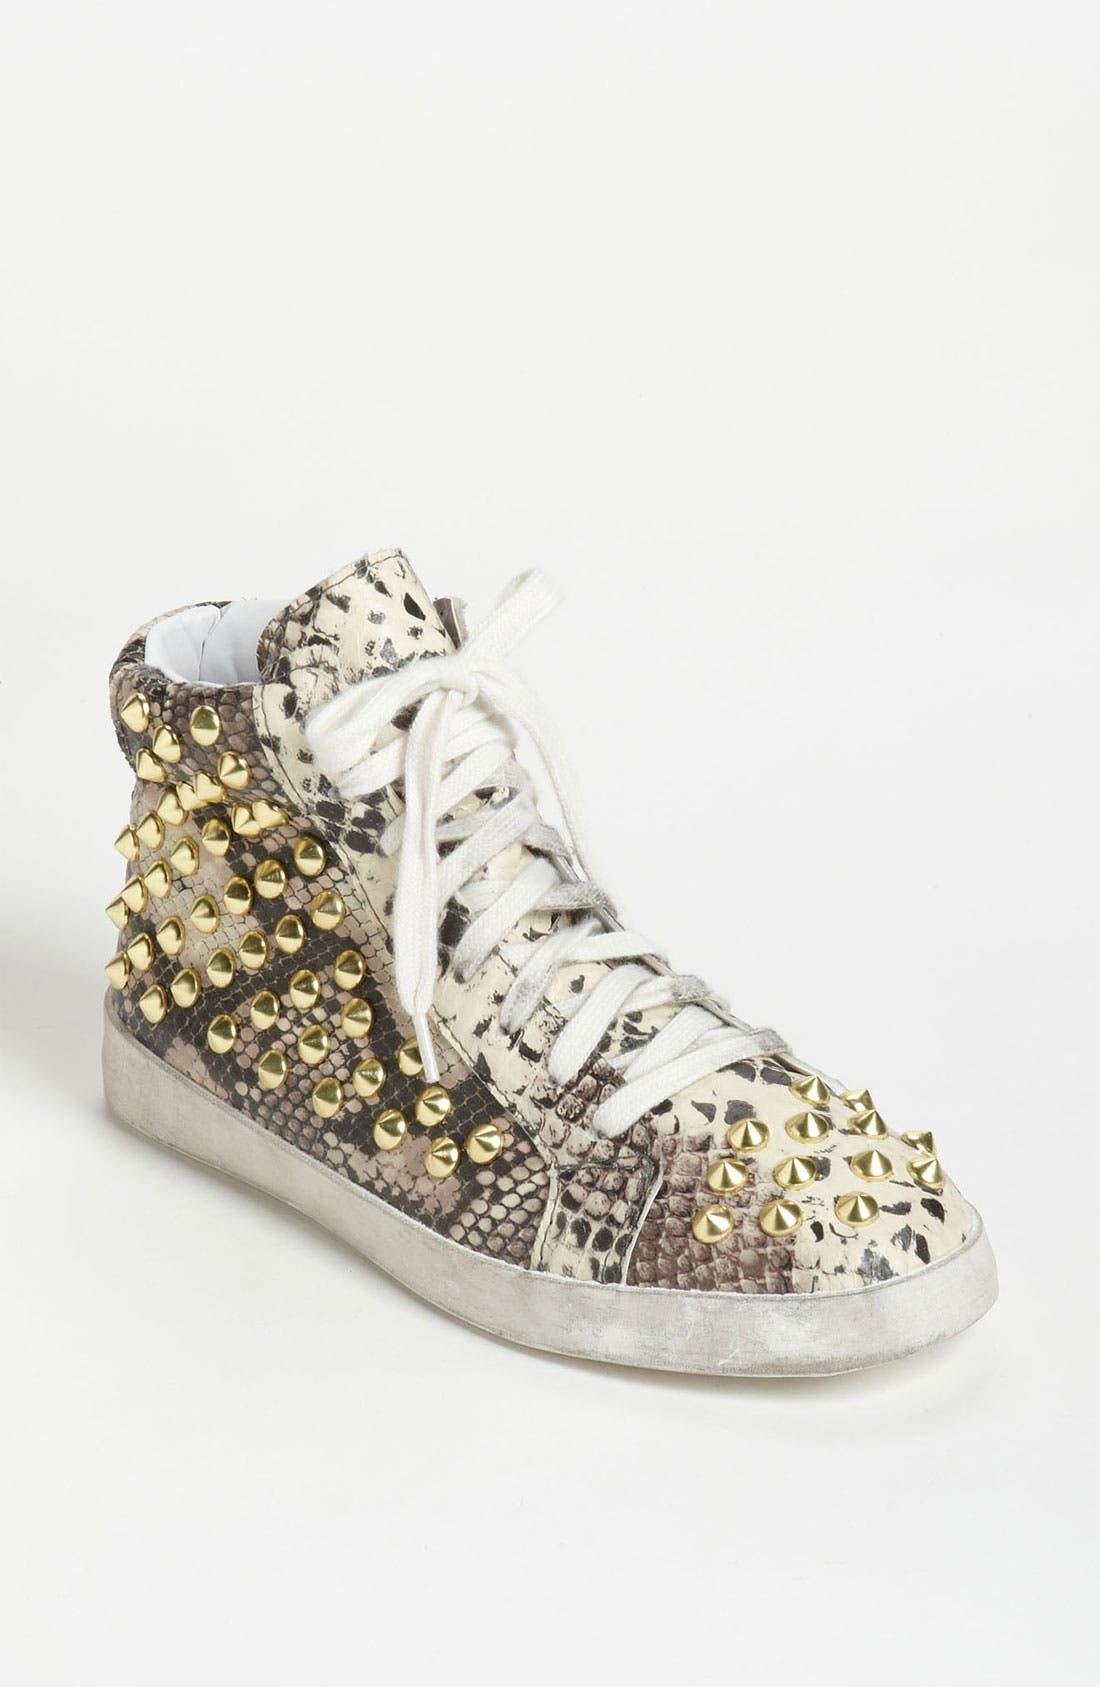 Main Image - Steve Madden 'Twynkle' Studded Sneaker